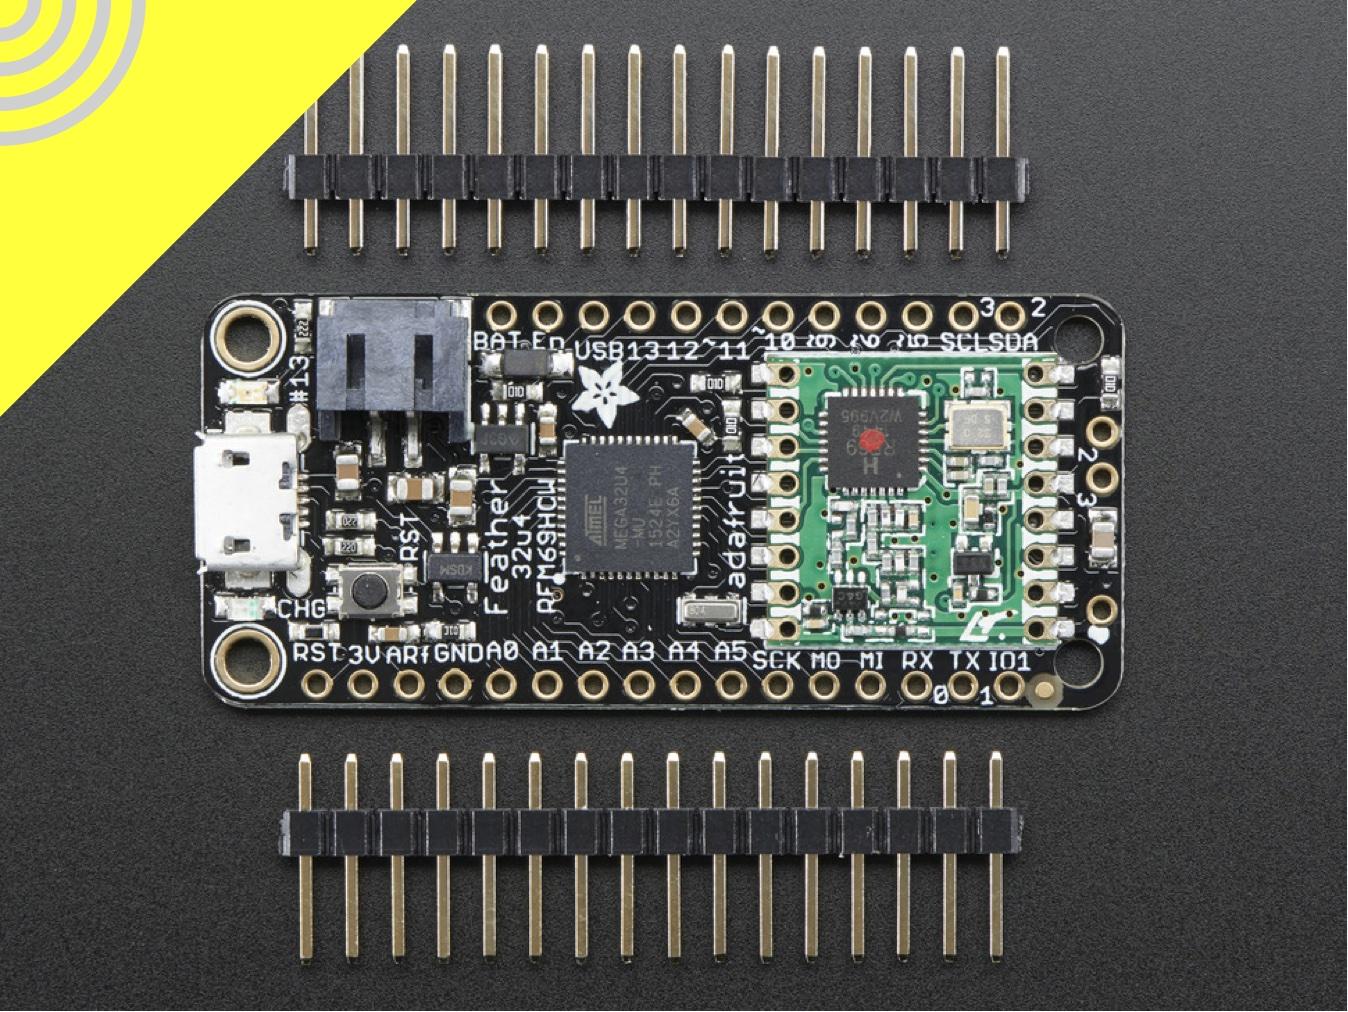 microcontrollers_feather-32u4-rfm69-433mhz.jpg